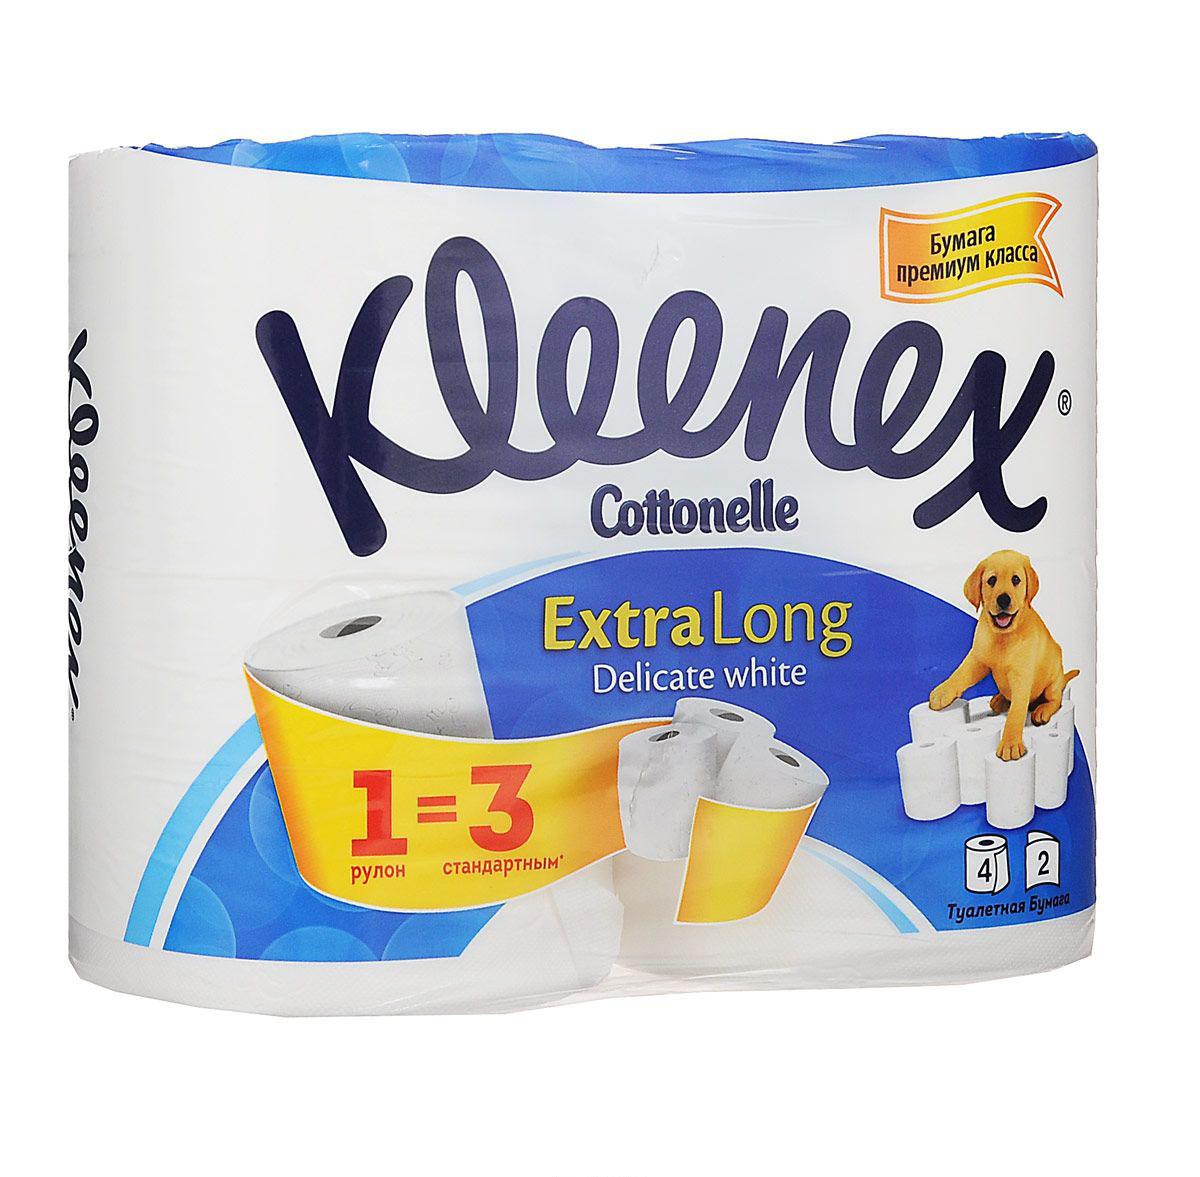 Kleenex Cottonelle Туалетная бумага Extra Long, двухслойная, цвет: белый, 4 рулона391602Туалетная бумага Kleenex Cottonelle Extra Long изготовлена из целлюлозы высшего качества. Двухслойные листы белого цвета имеют рисунок с тиснением. Мягкая, нежная, но в тоже время прочная, бумага не расслаивается и отрывается строго по линии перфорации. Характеристики:Материал: 100% целлюлоза.Цвет: белый.Количество рулонов: 4 шт.Количество листов в рулоне: 488.Количество слоев: 2.Размер листа: 9,6 см х 11,3 см.Размер упаковки: 25 см х 13 см х 19,5 см.Артикул: 9450044.Производитель: Венгрия.Товар сертифицирован.Уважаемые клиенты!Обращаем ваше внимание на измененный дизайн упаковки. Комплектация осталась без изменений.